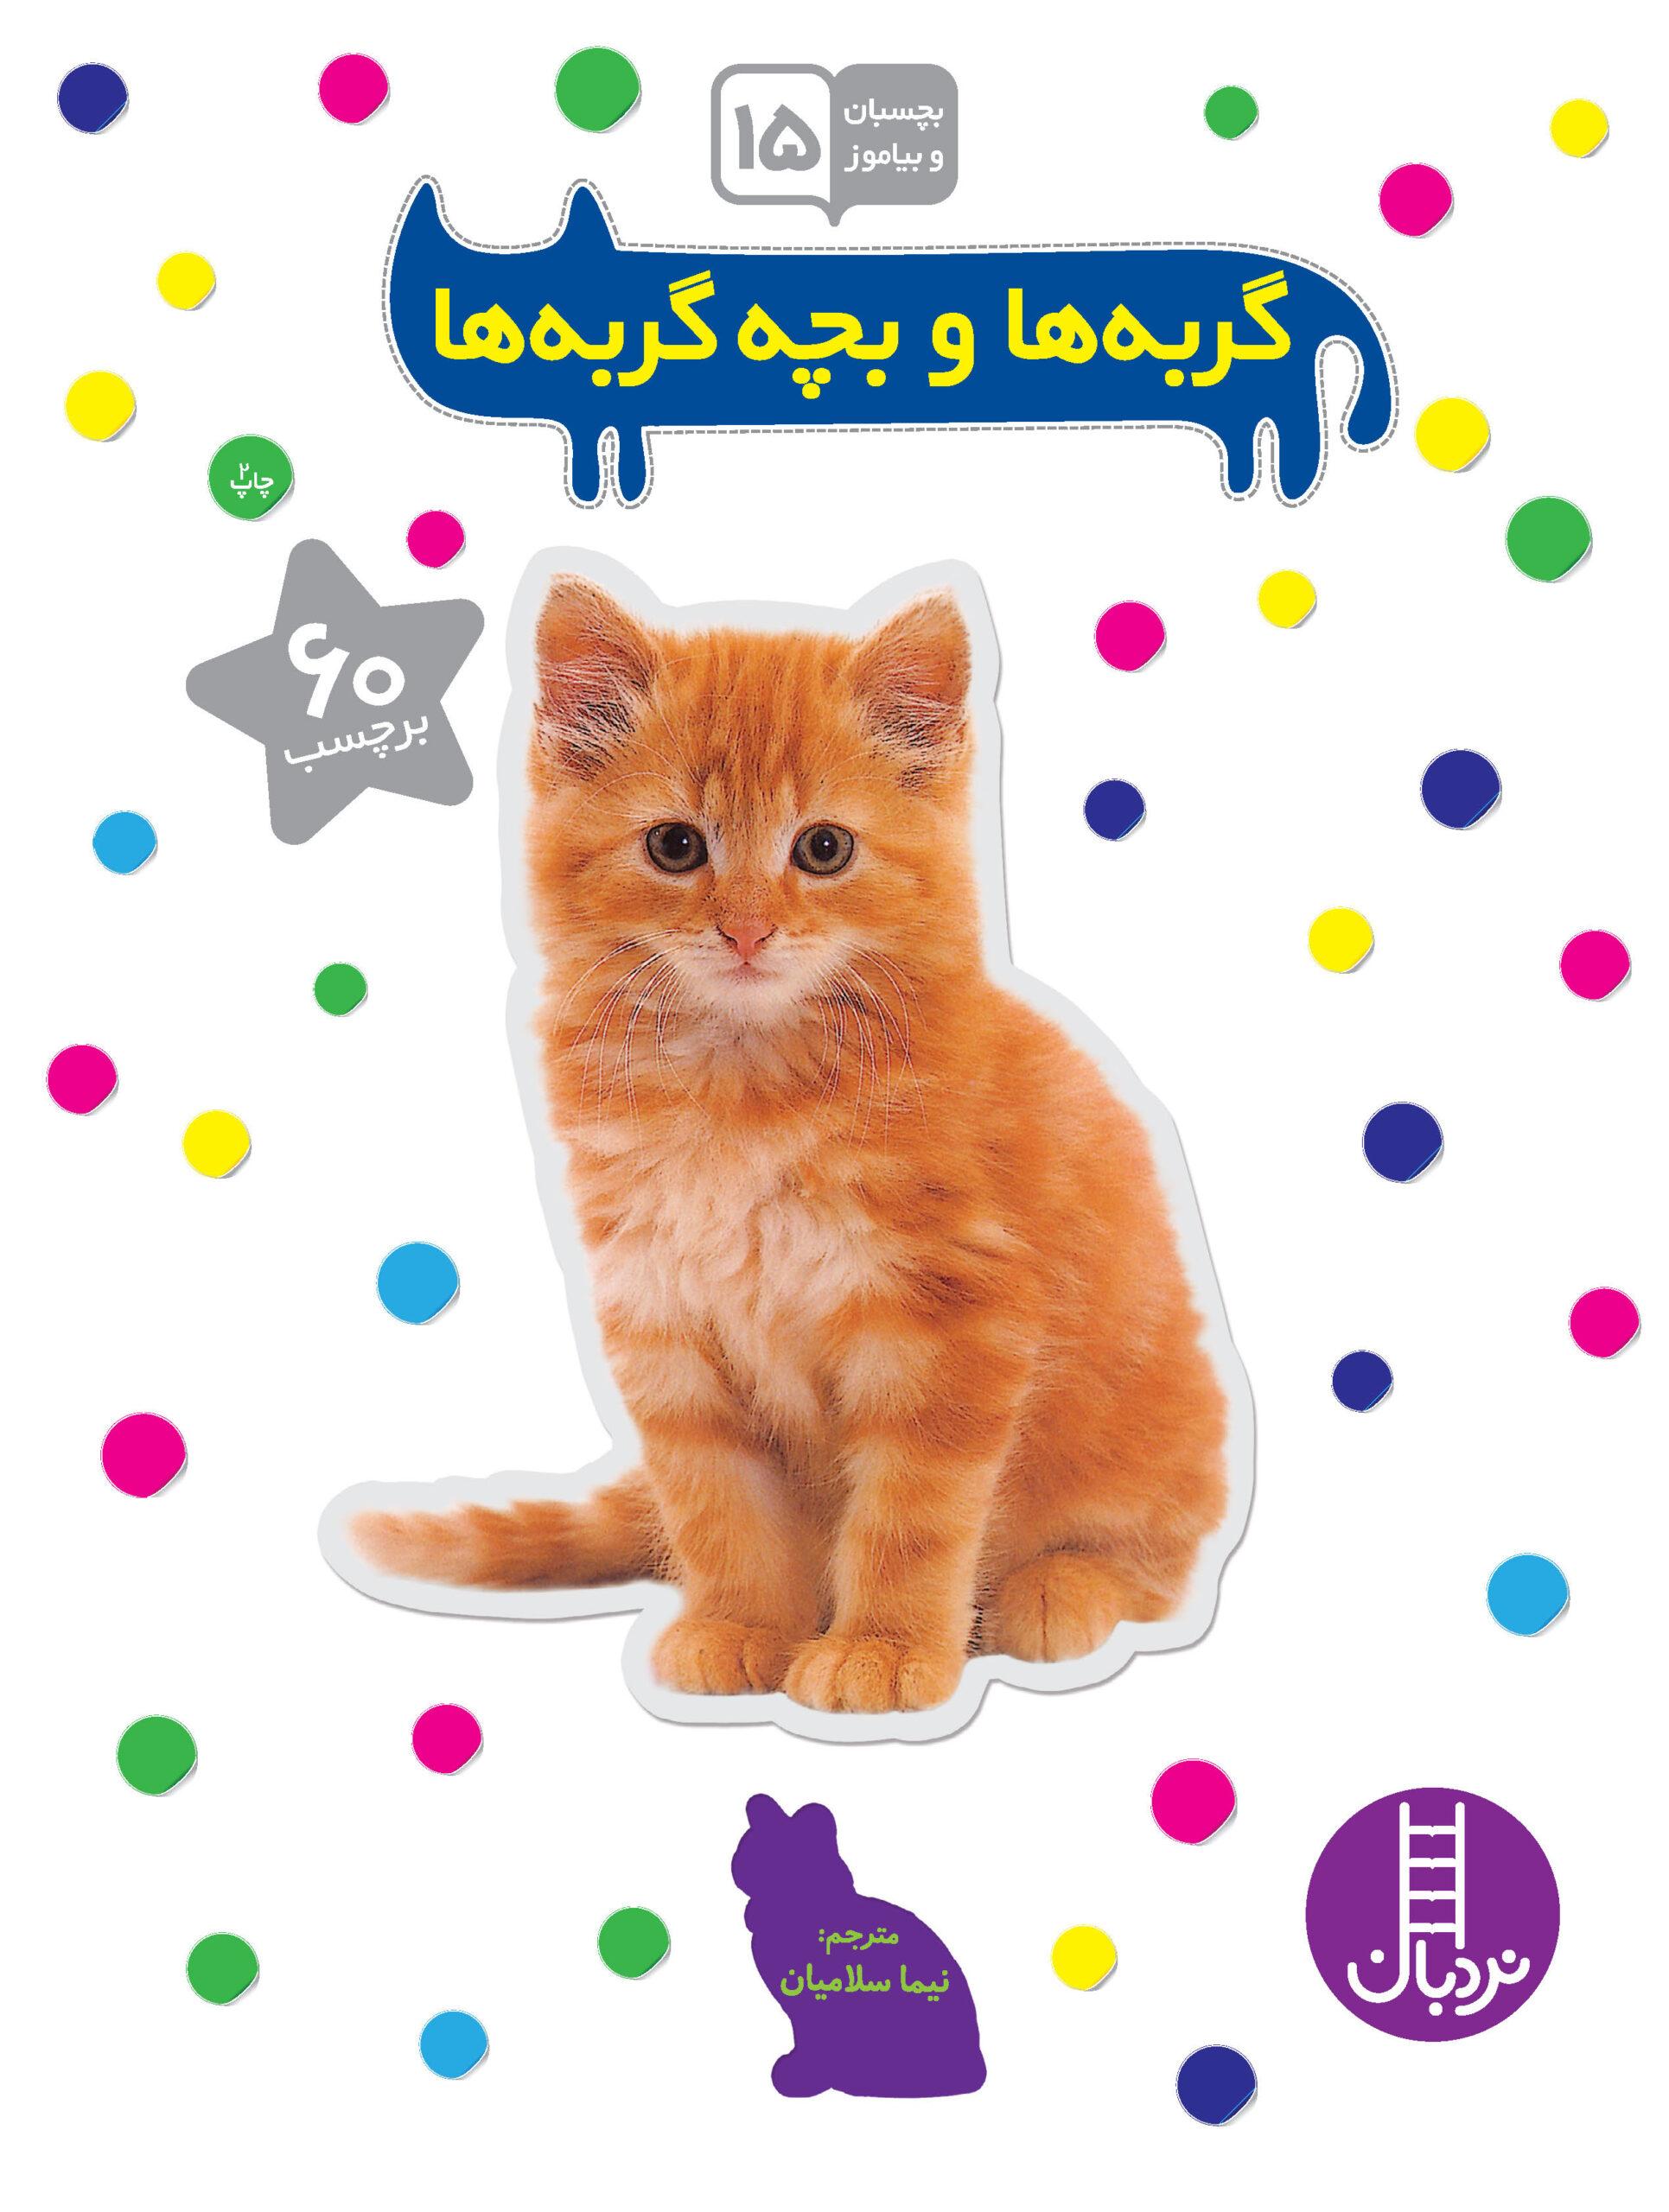 گربهها و بچه گربهها (بچسبان و بیاموز)